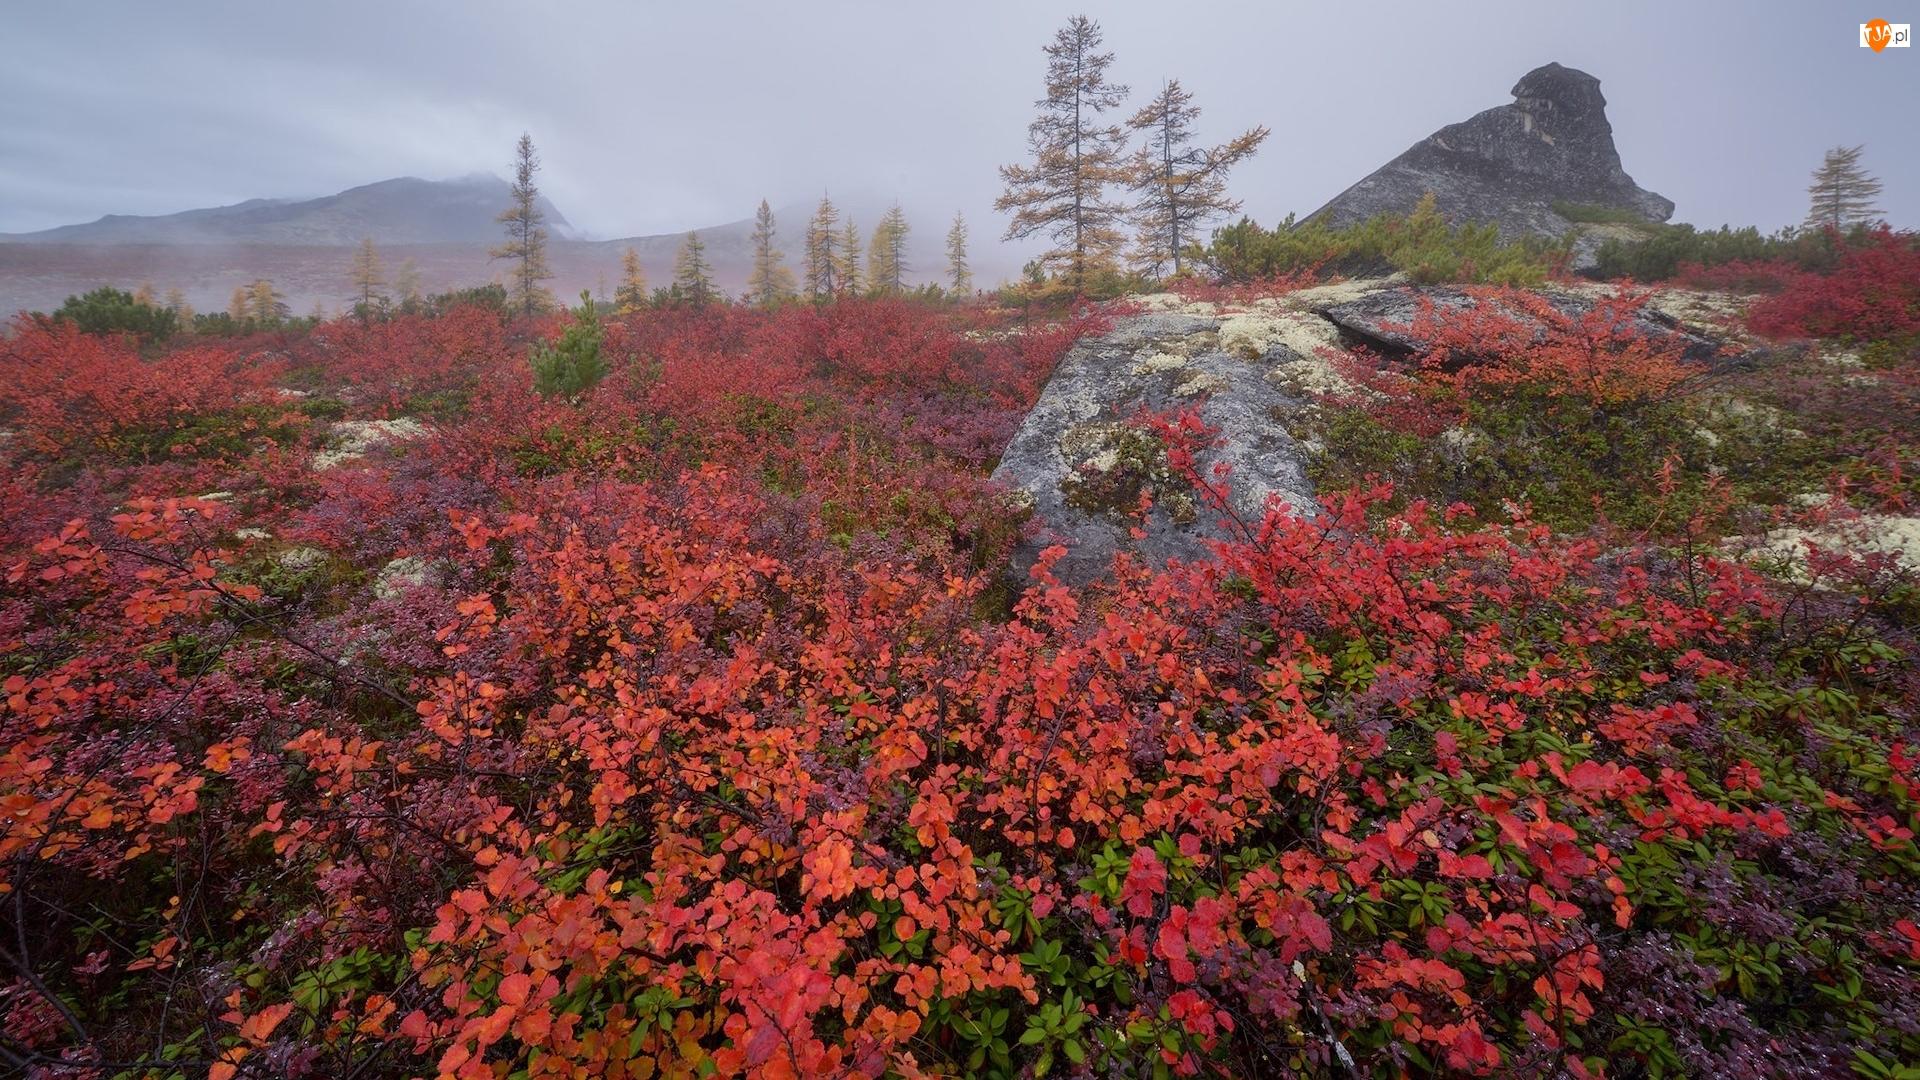 Skały, Jesień, Krzewy, Rośliny, Mgła, Czerwone